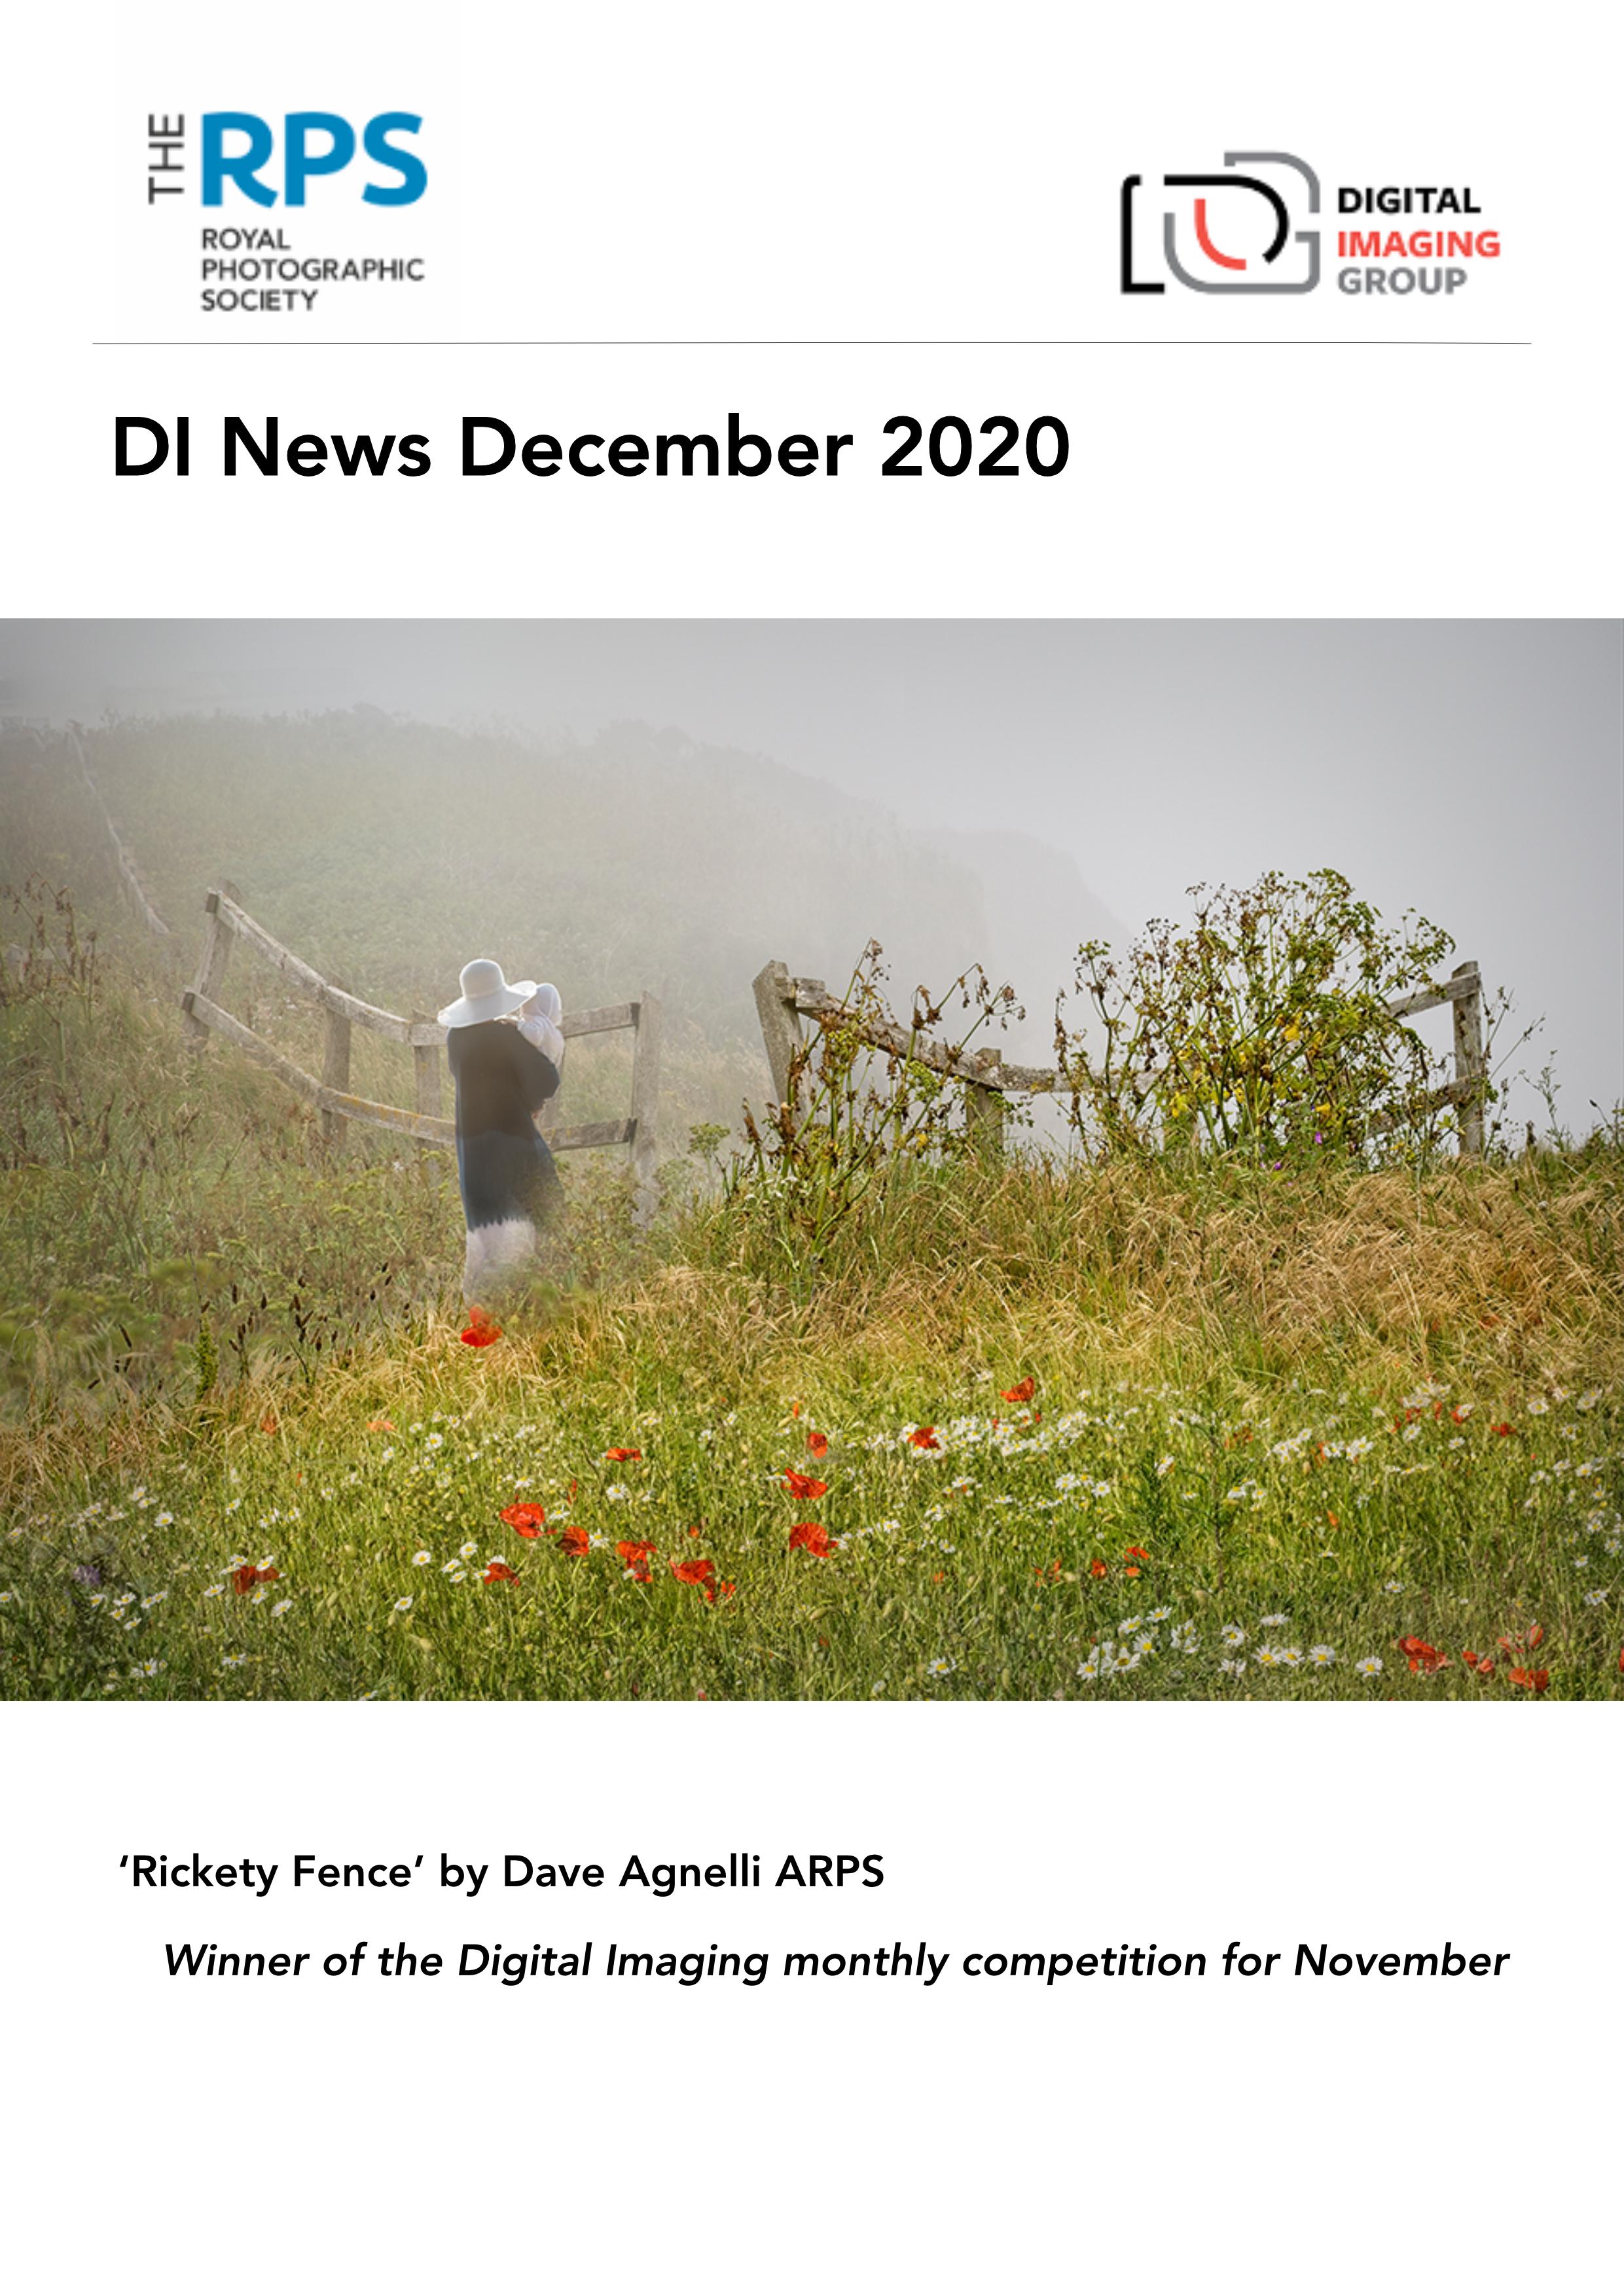 DI News December 2020 Cover